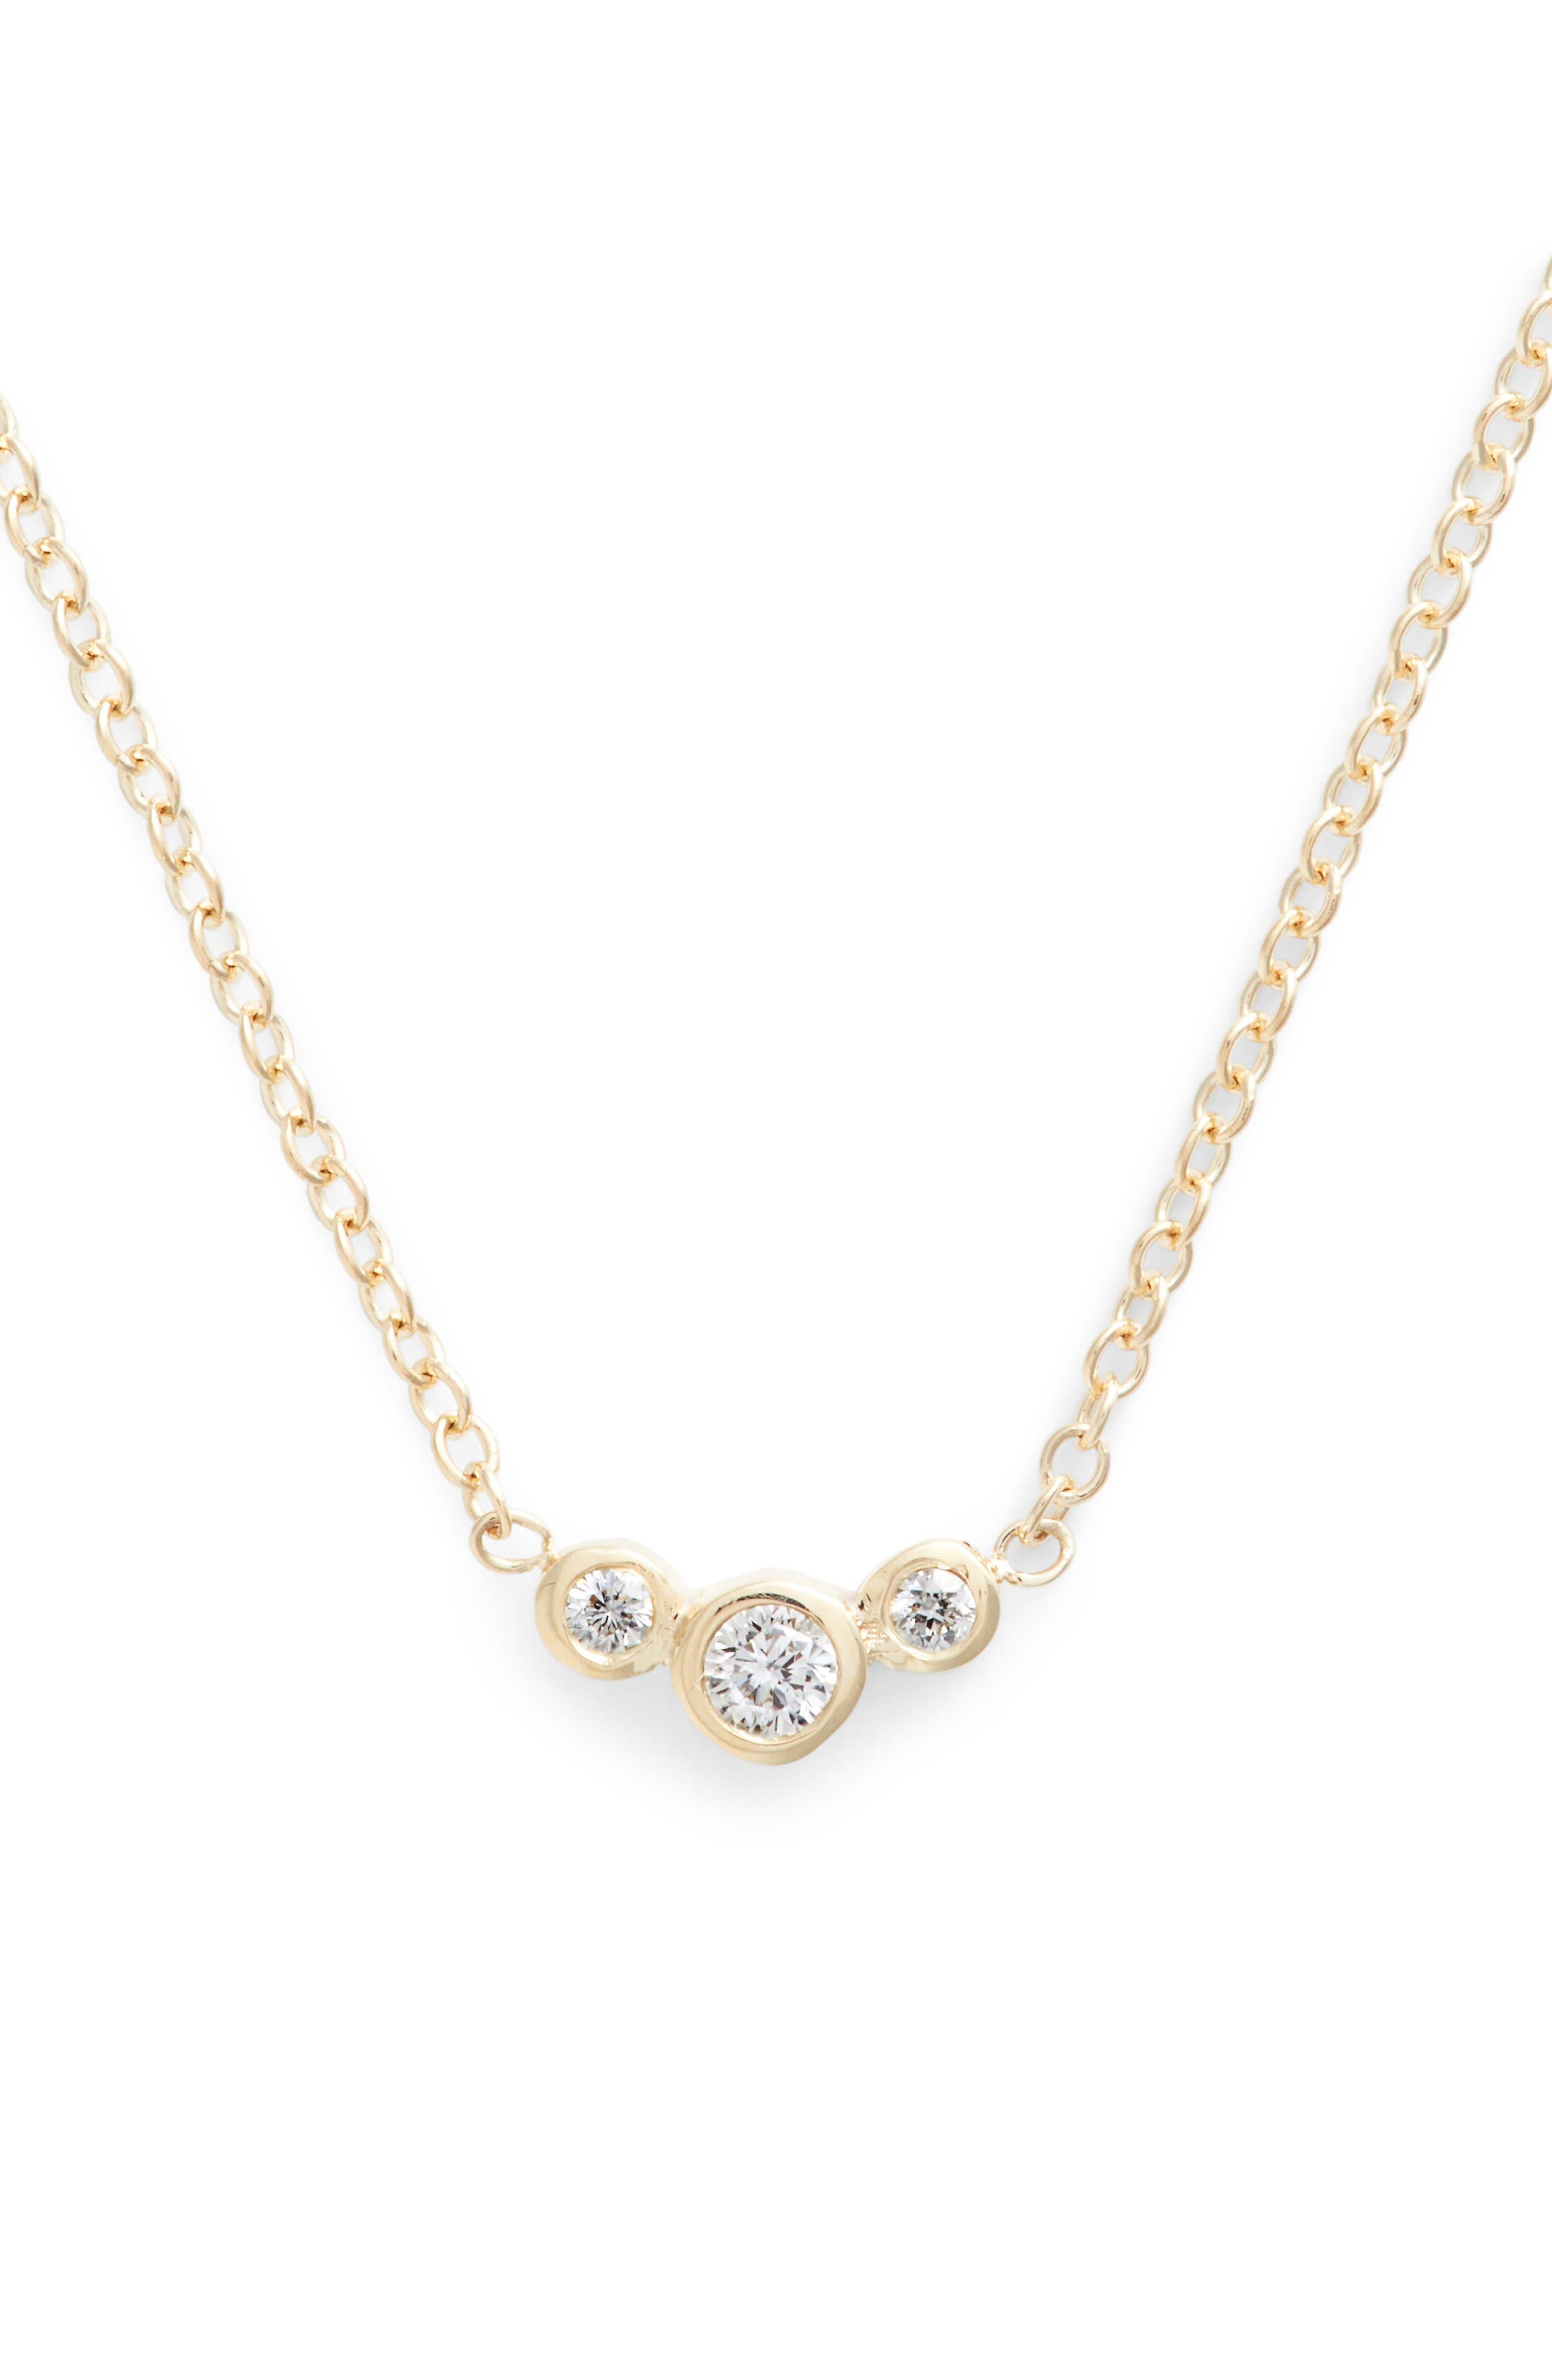 Zoë Chicco Curved 3-Diamond Bezel Pendant Necklace